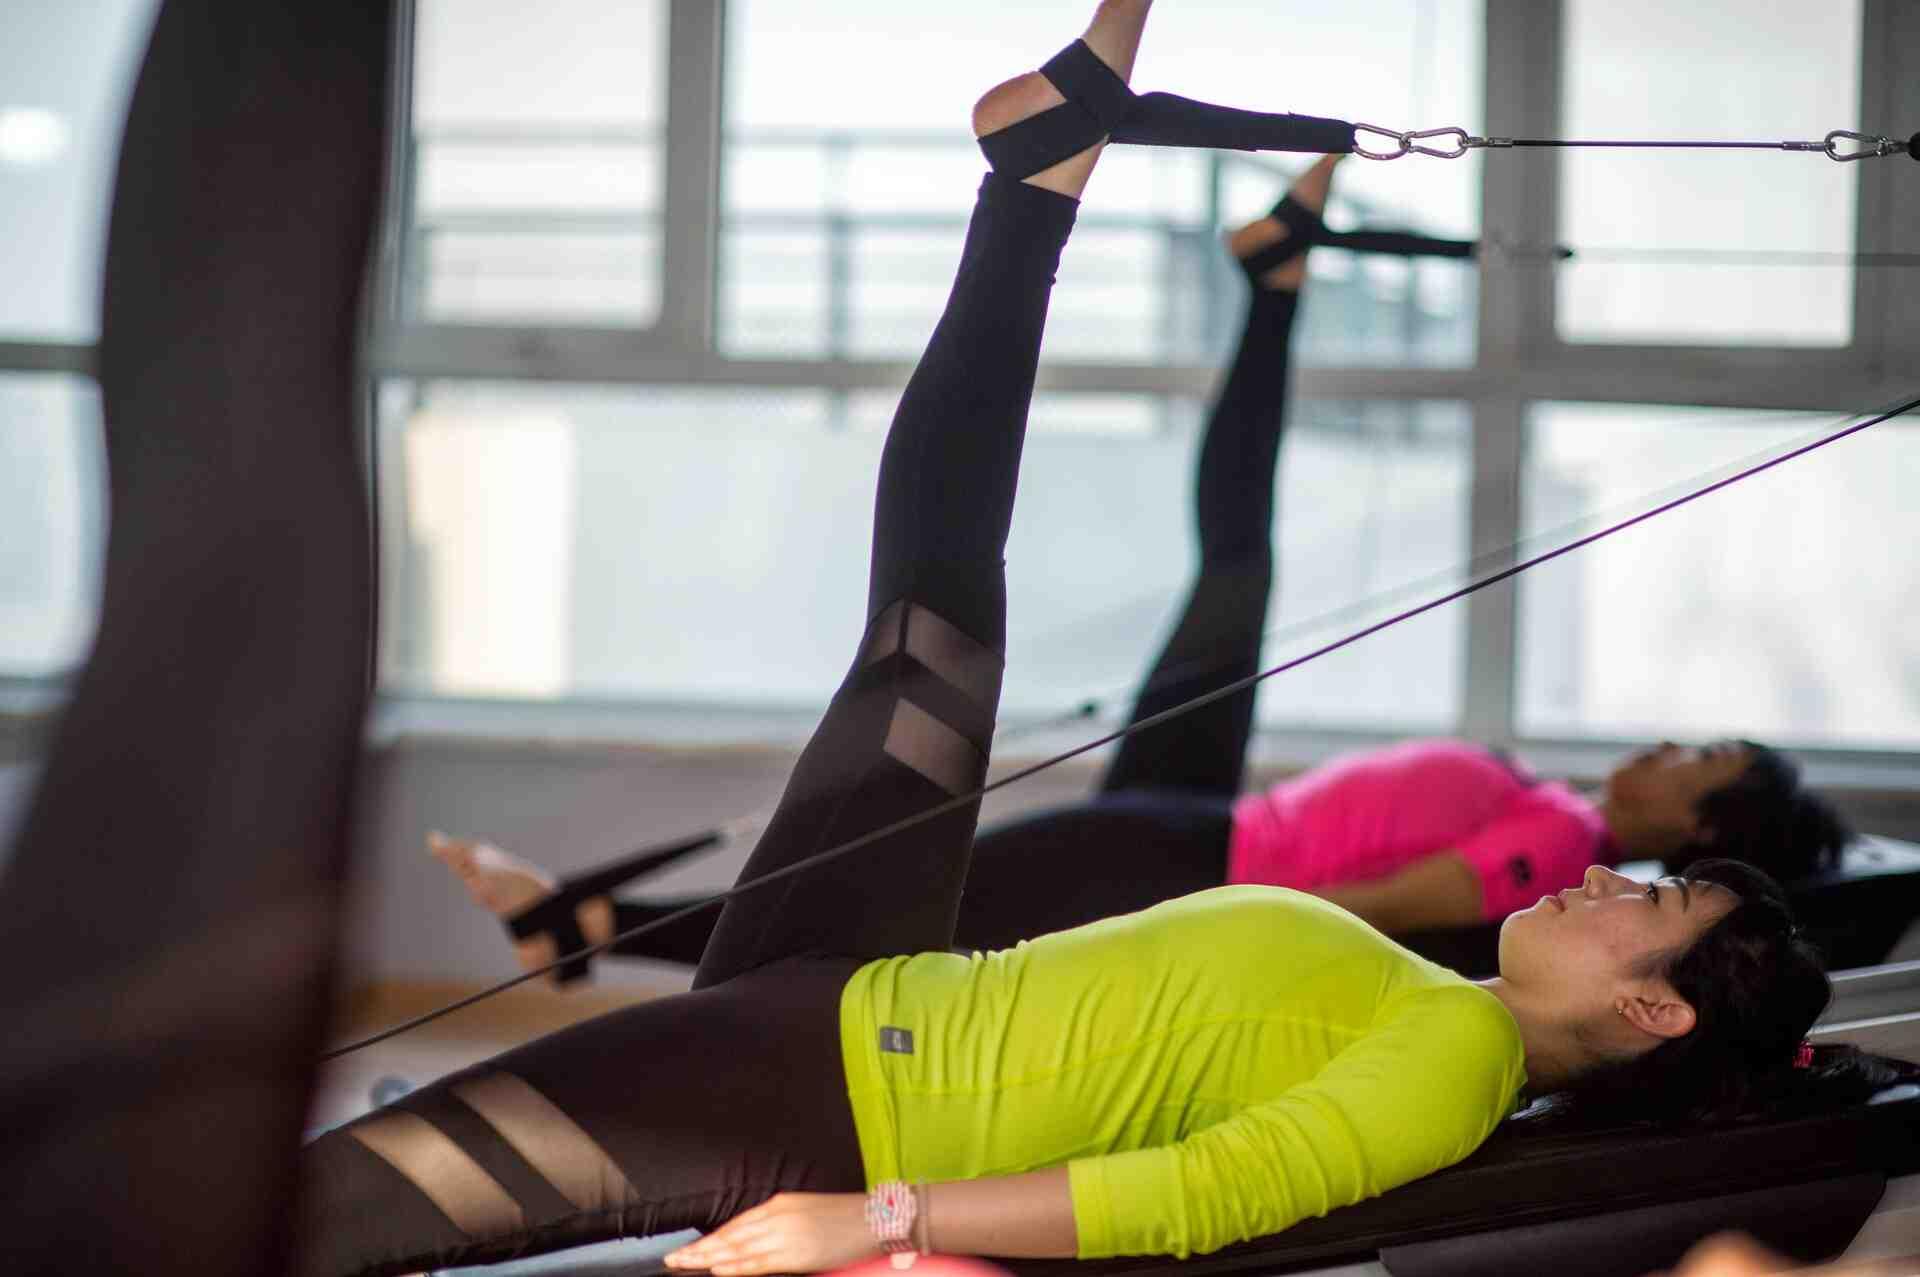 Comment se déroule la session Pilates?